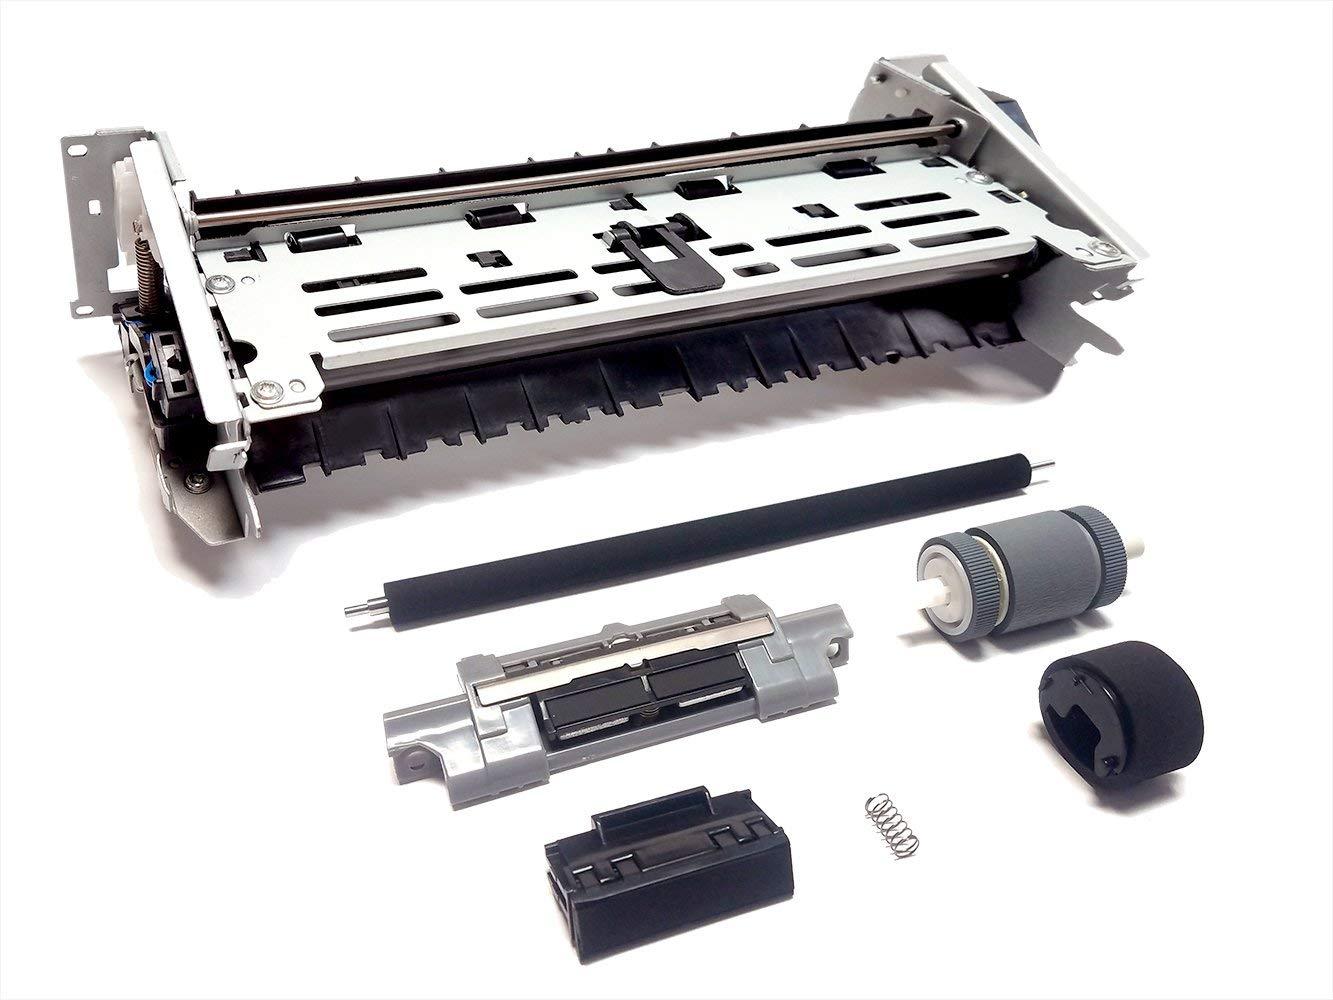 Altru Print M401-MK-AP Maintenance Kit for HP Laserjet M401 / M425 (110V) Includes RM1-8808 Fuser, Transfer Roller & Tray 1/2 Rollers